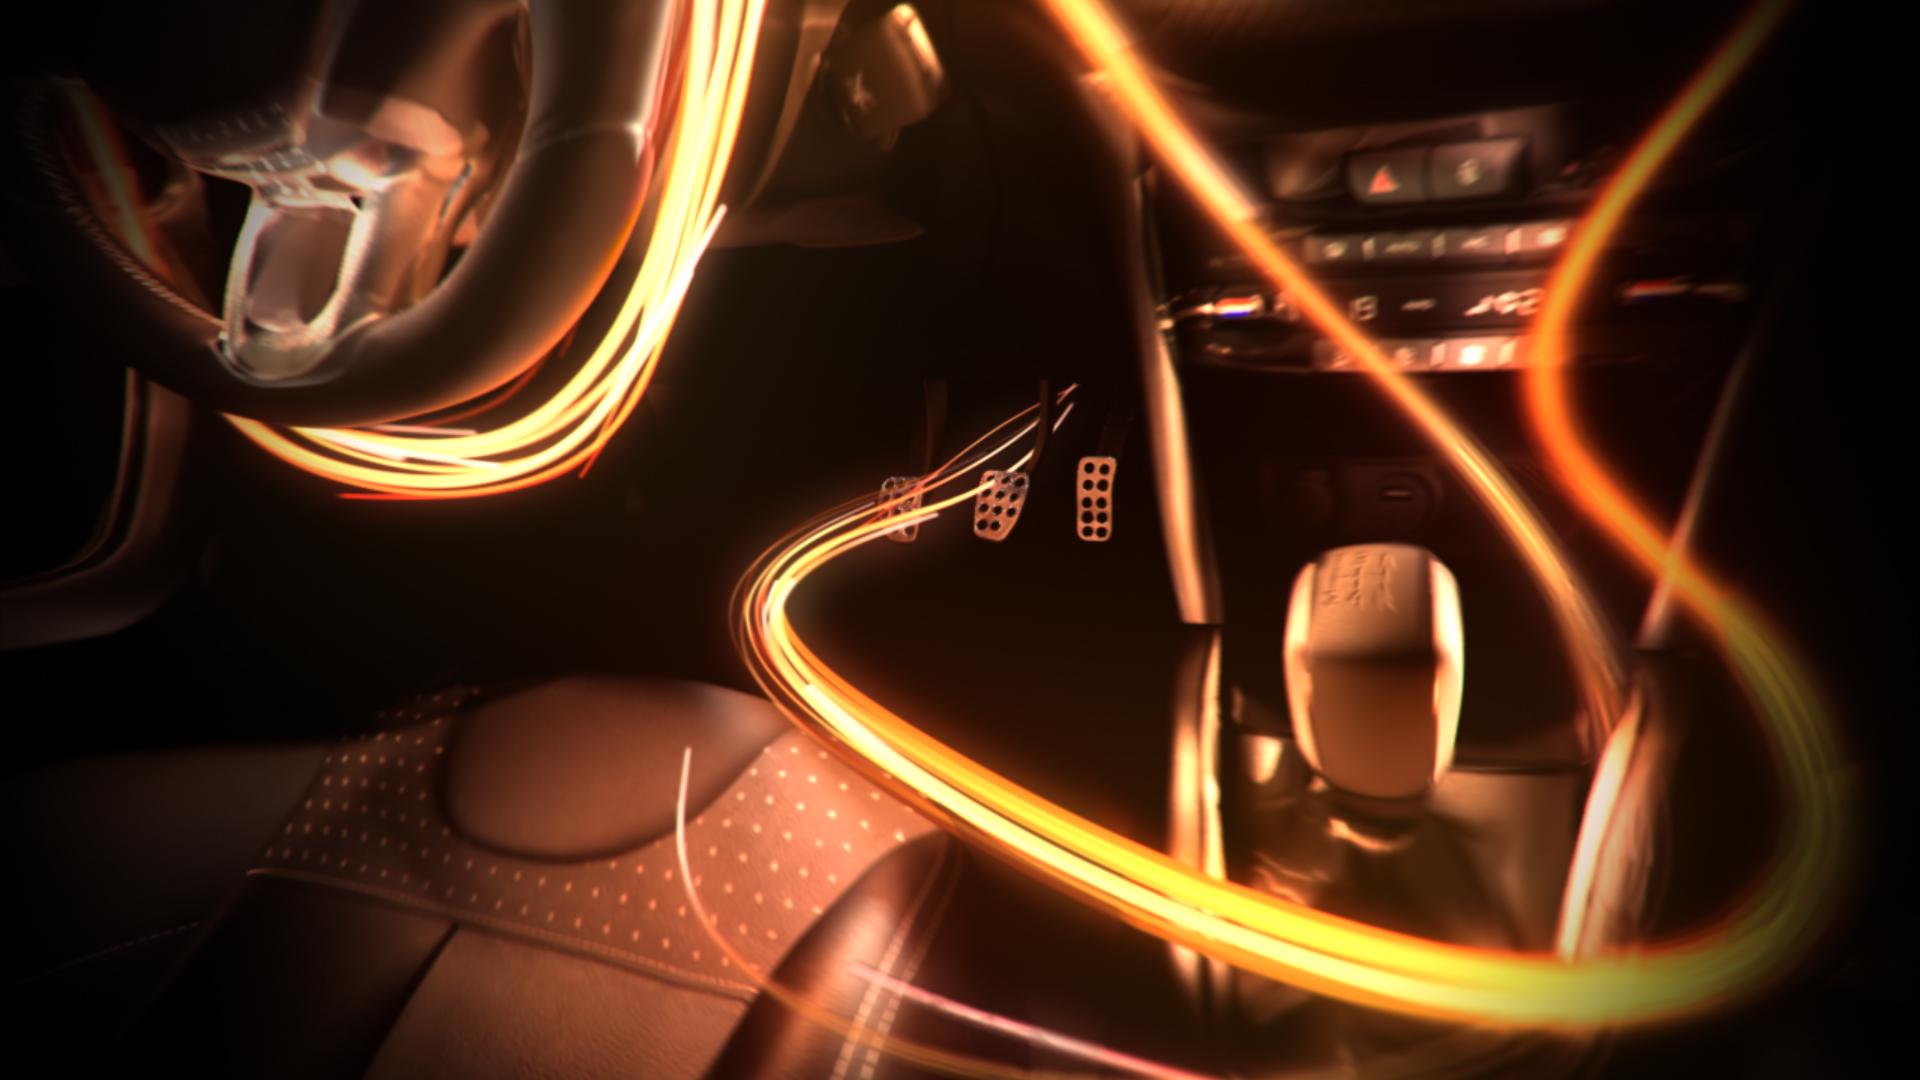 3D luminous particles trails flowing around a Peugeot 208 iCockpit